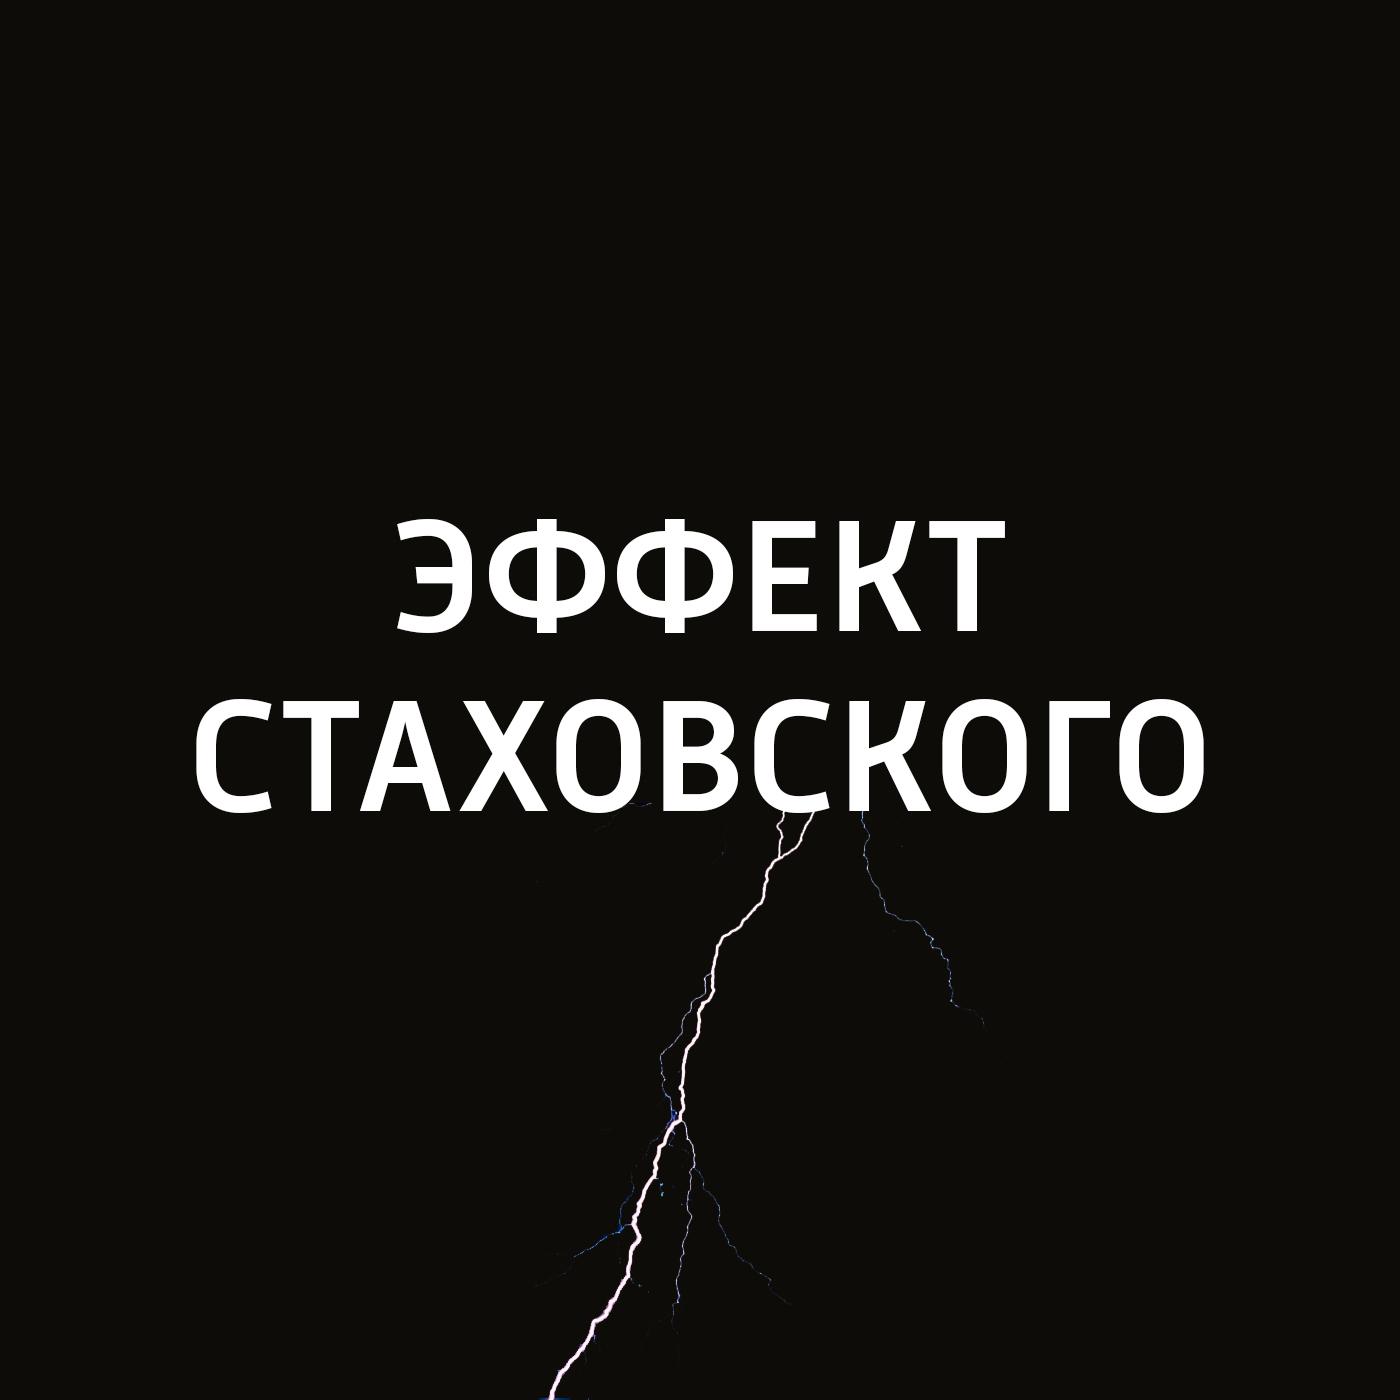 Евгений Стаховский Раффлезия Арнольда - самый большой цветок в мире петров в простейшие приемы изобретательства общие принципы получения идей 4 способа получения новых идей